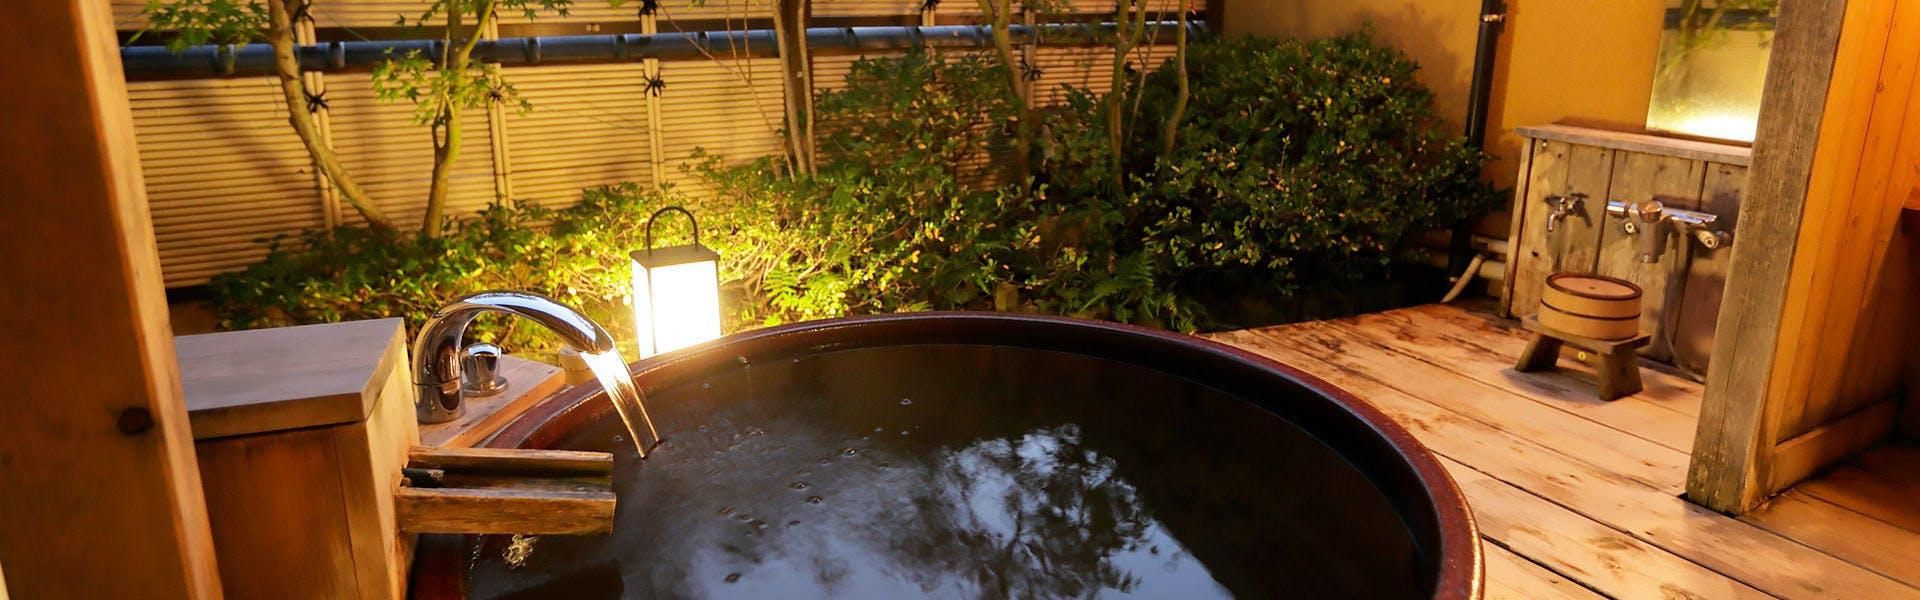 温泉・お風呂